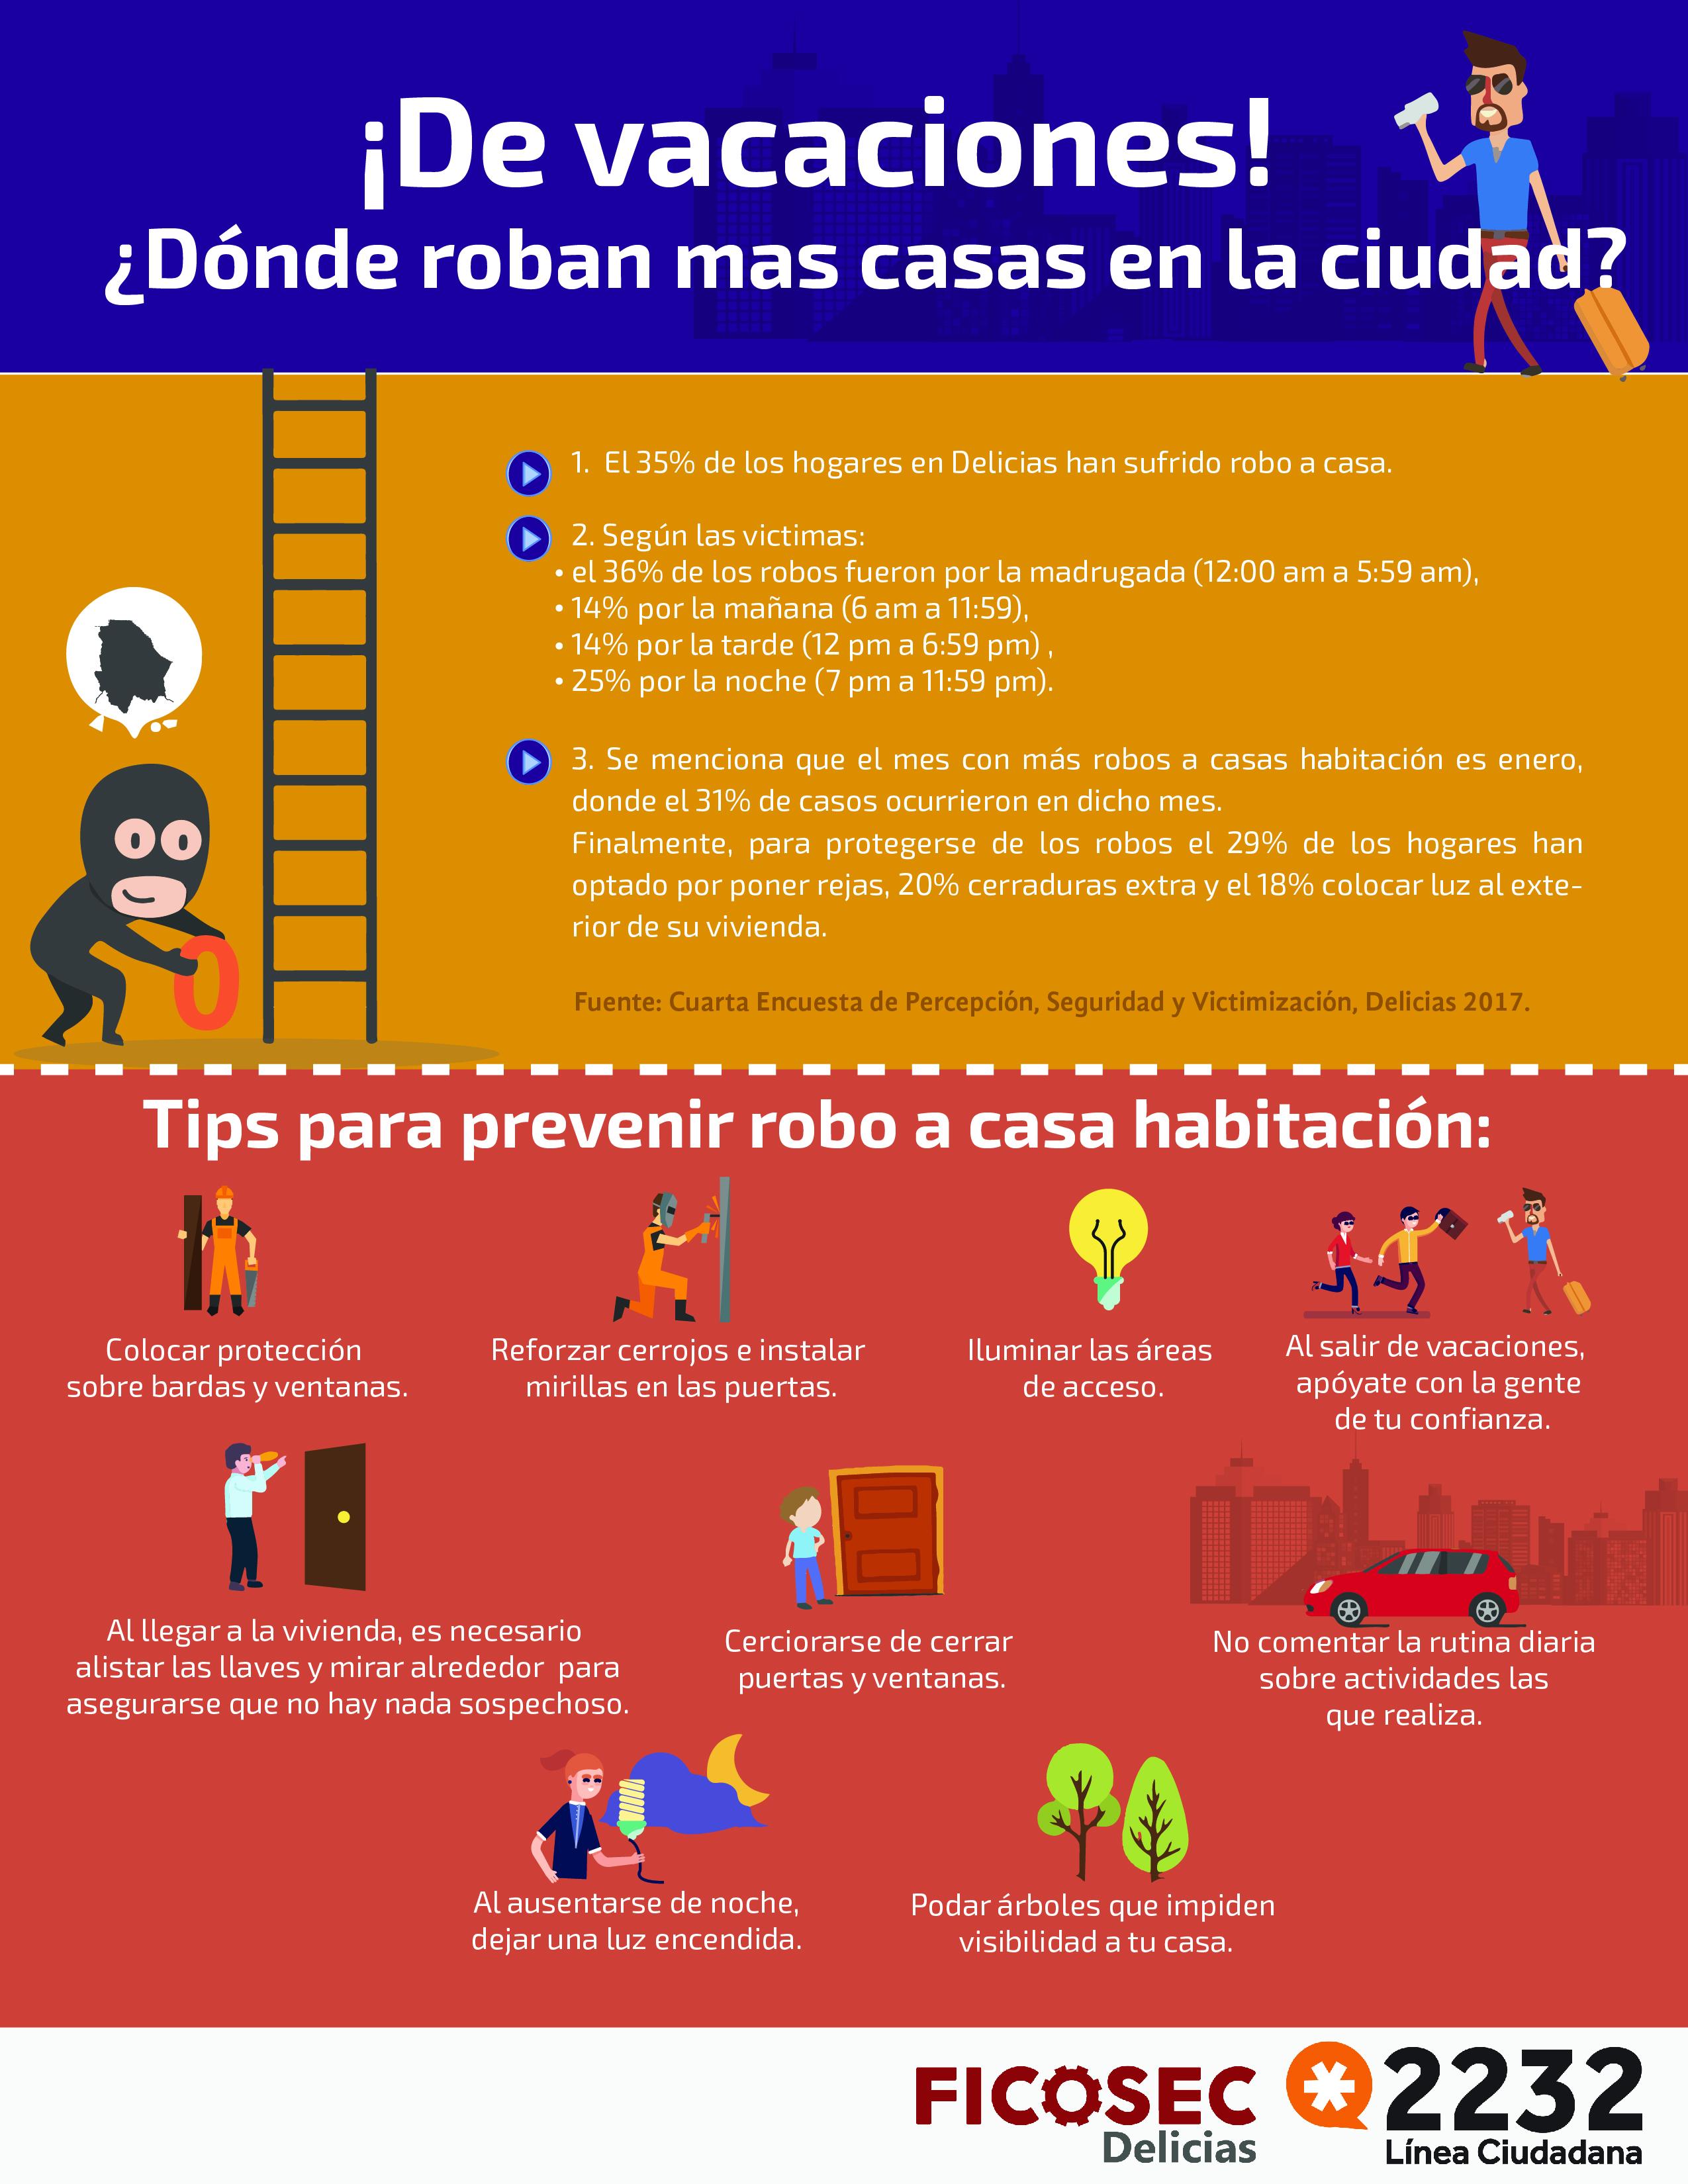 infografia-delicias-vacaciones-robo-casa-habitacion